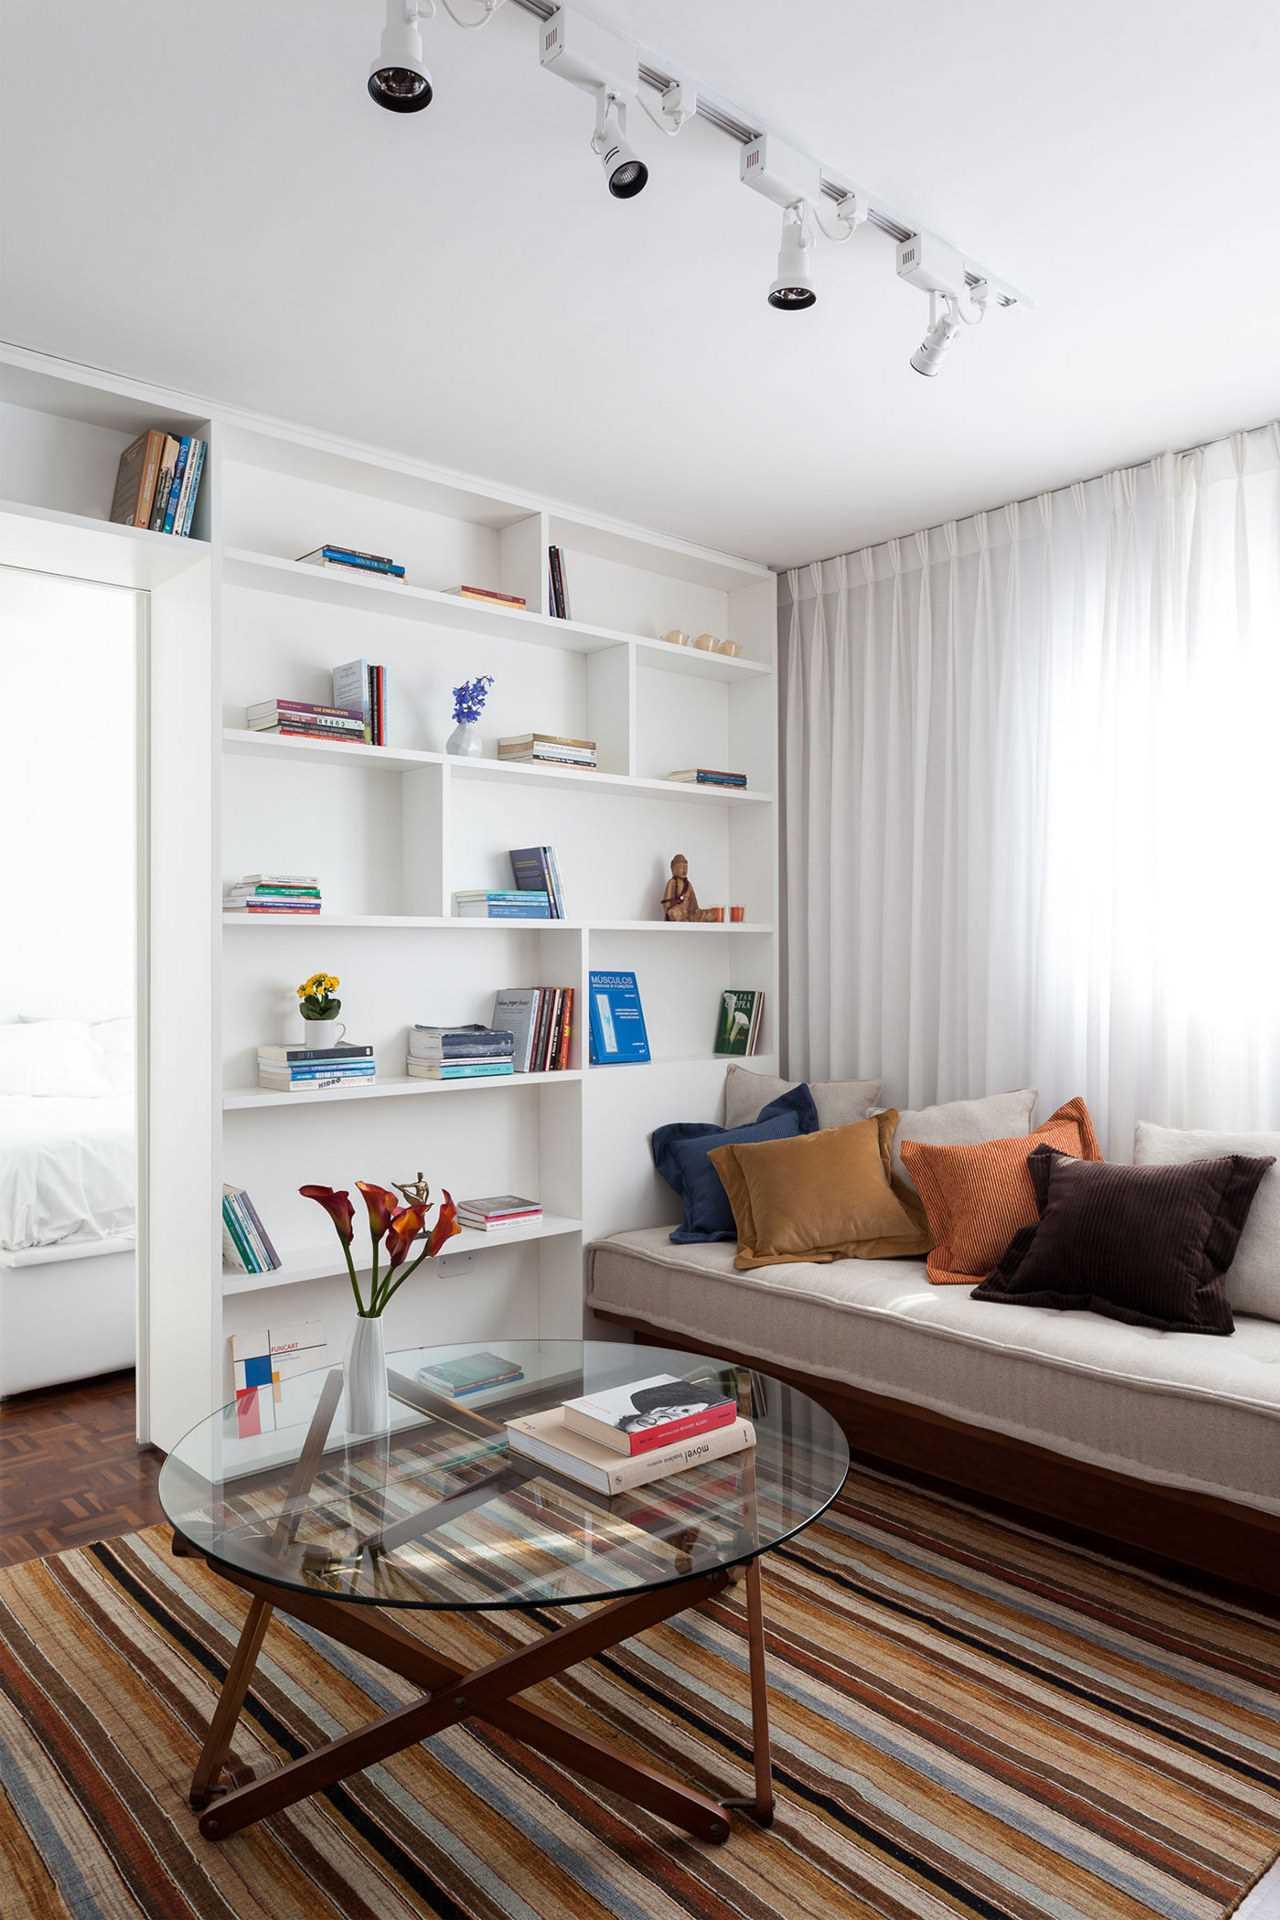 10 идей как сделать комнату уютнее своими руками